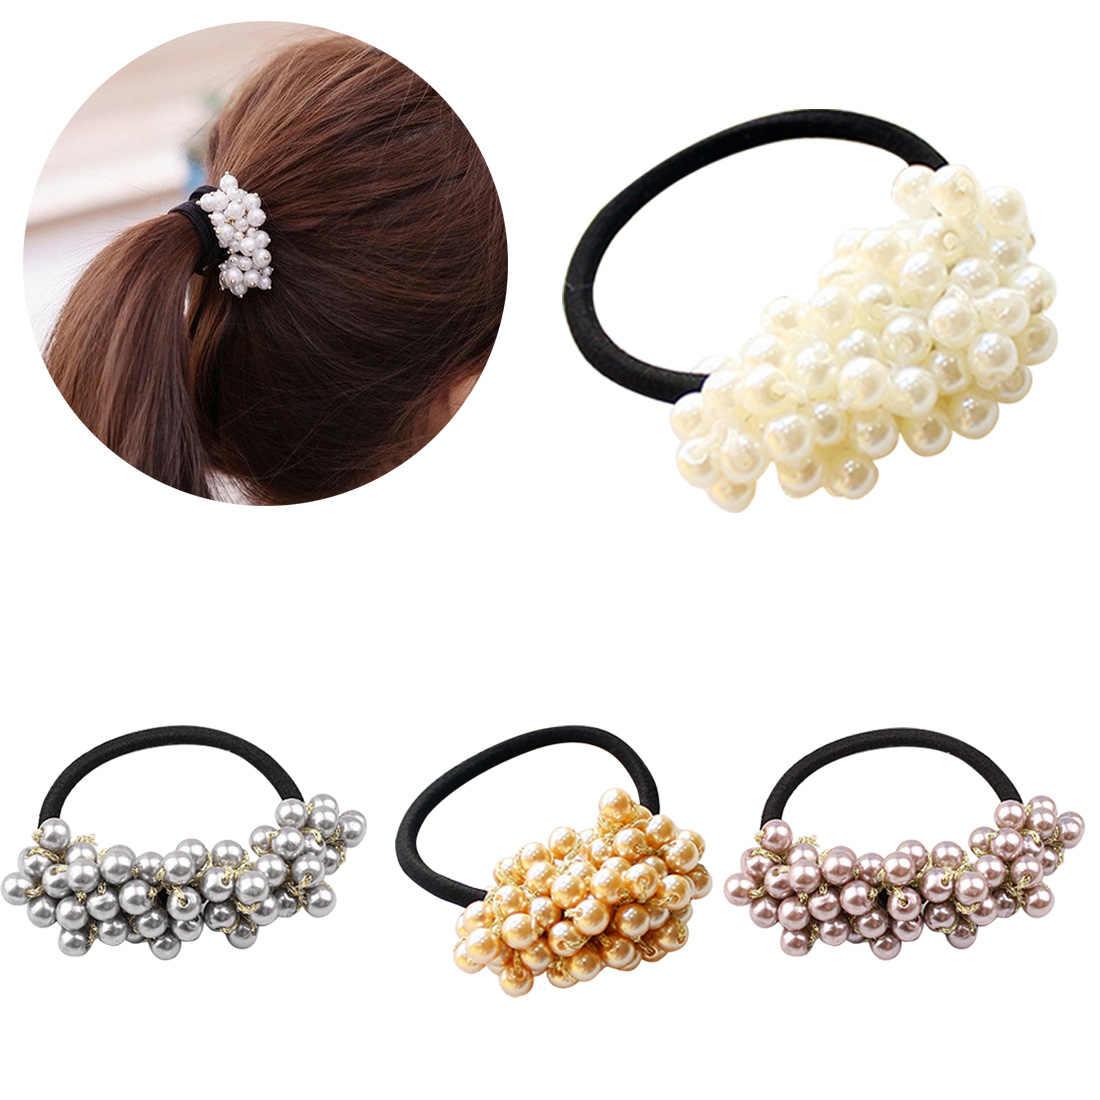 Nova Frisada Pérolas Atada Anel Pérolas Beads Headbands Do Cabelo Rabo de Cavalo Titular Elástica Faixas de Cabelo De Borracha Corda Cocar